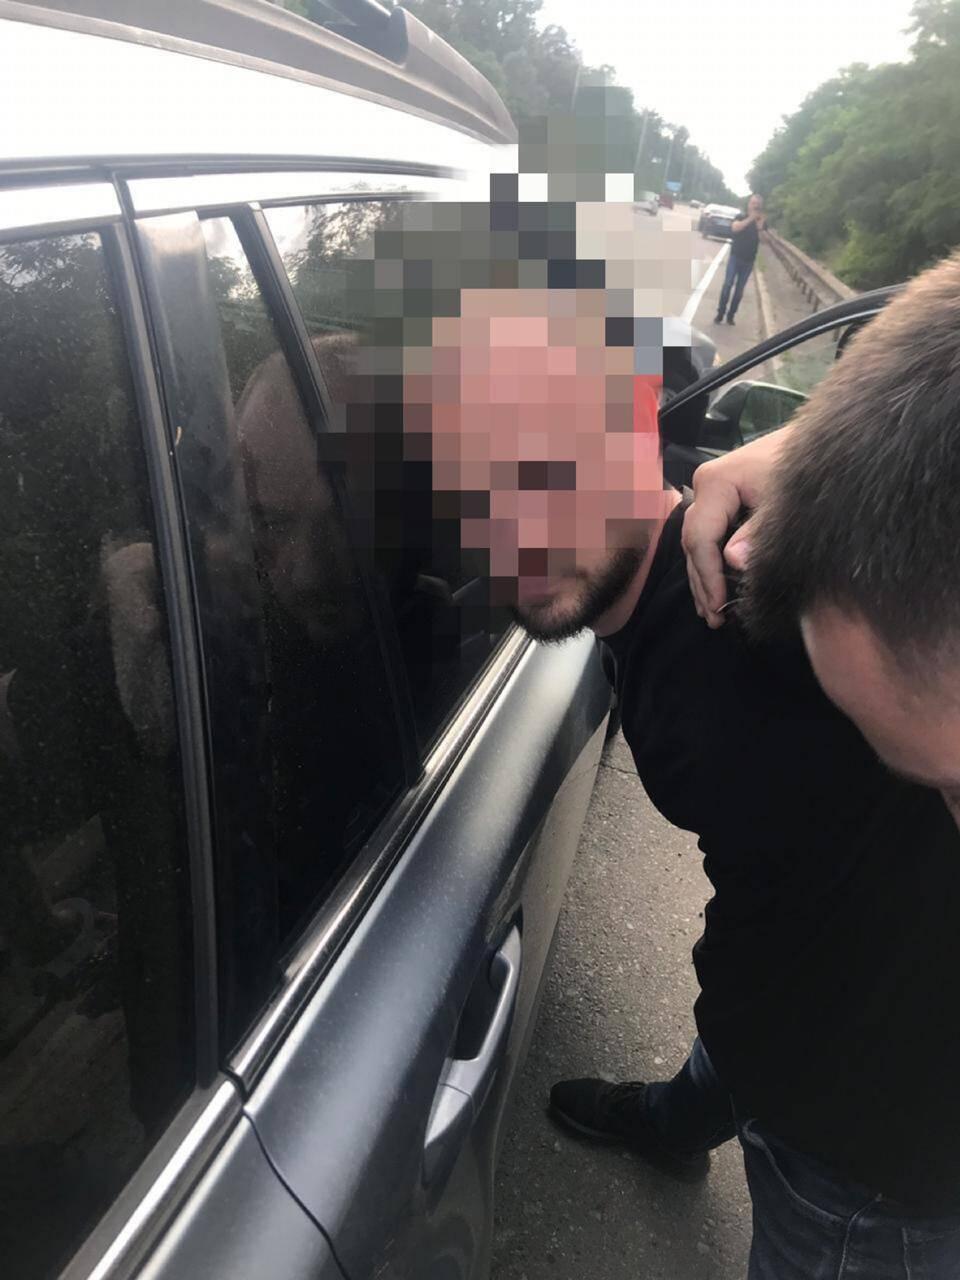 Підозрювані у причетності до викрадення бізнесмена у Києві